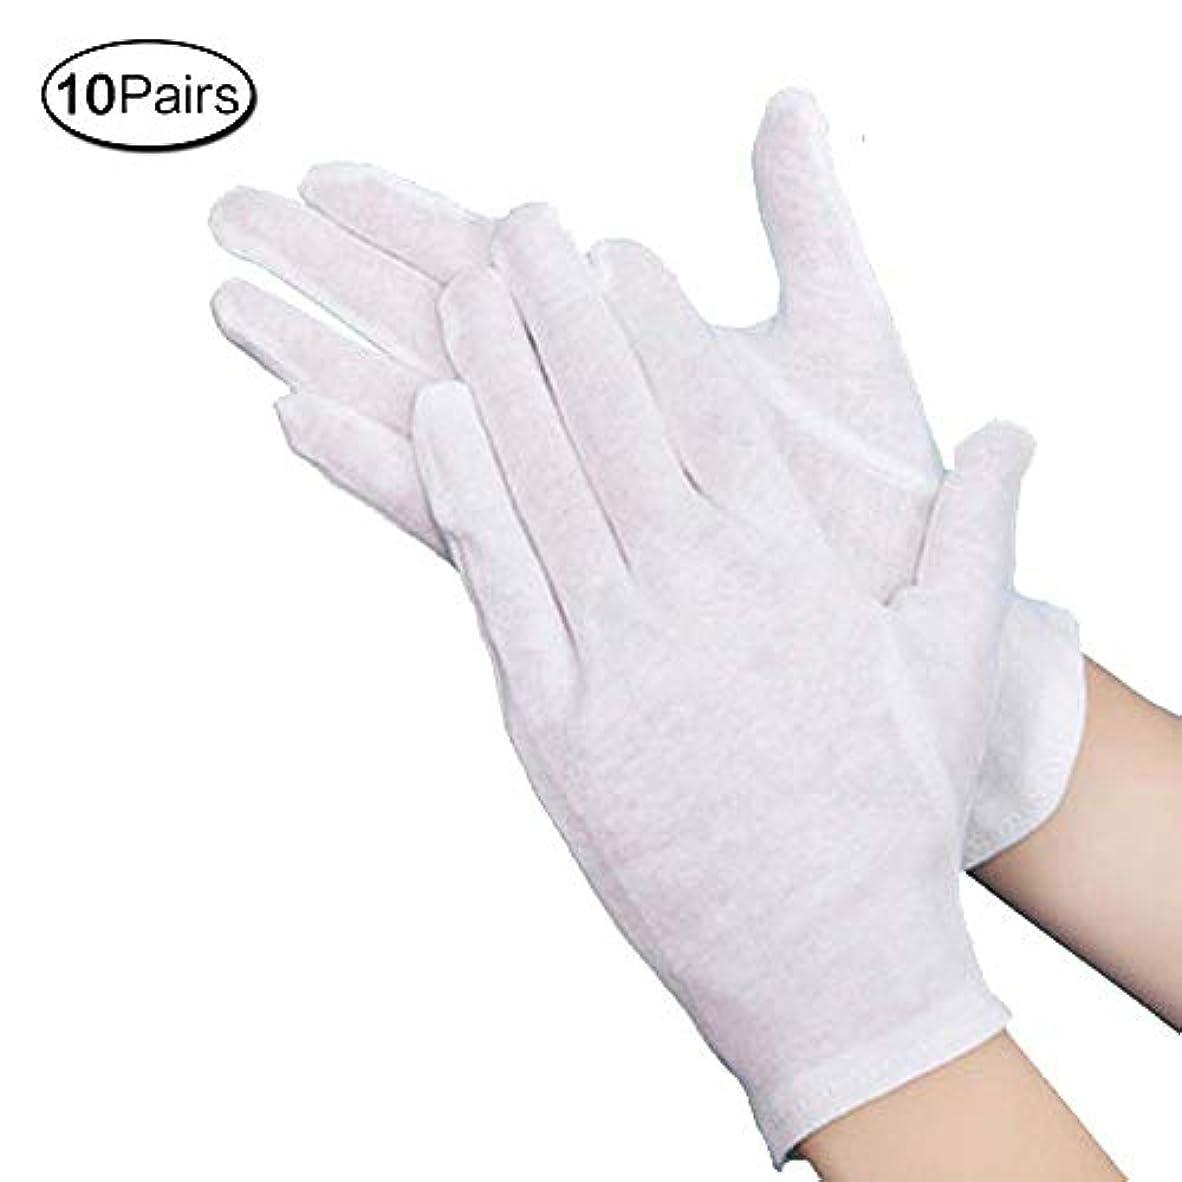 パネル適応気怠い綿手袋 純綿100% 通気性 コットン手袋 10双組 M